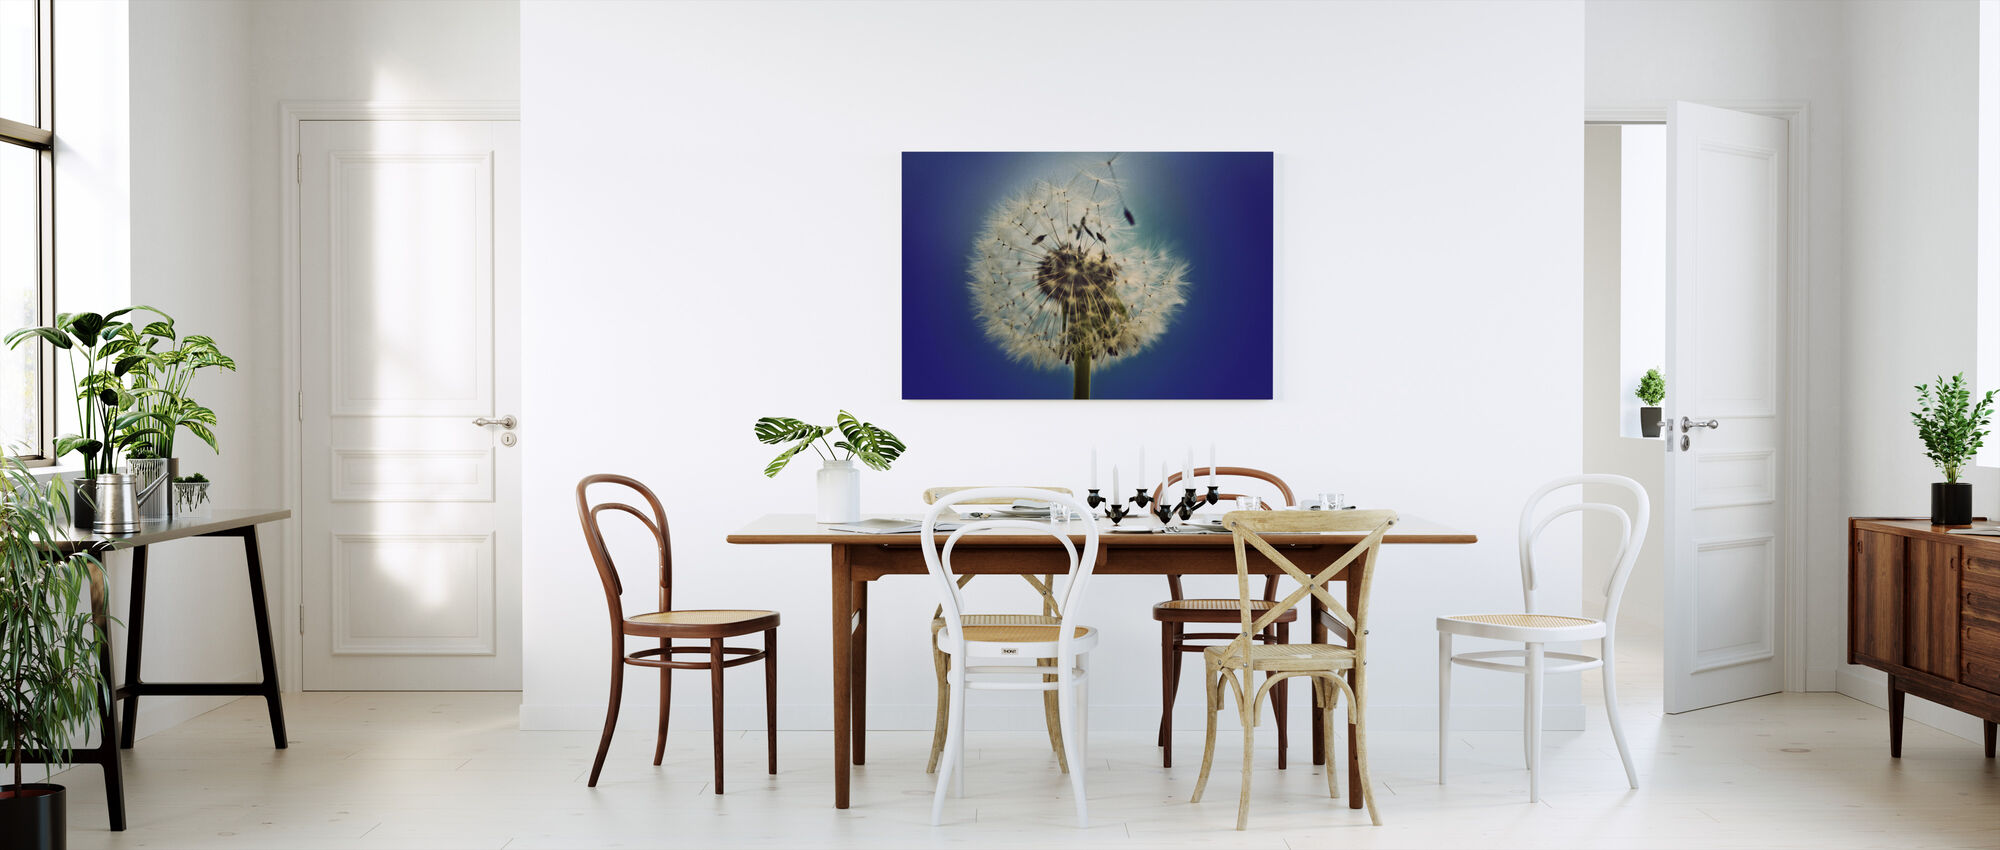 Dandelion on Blue Background - Canvas print - Kitchen